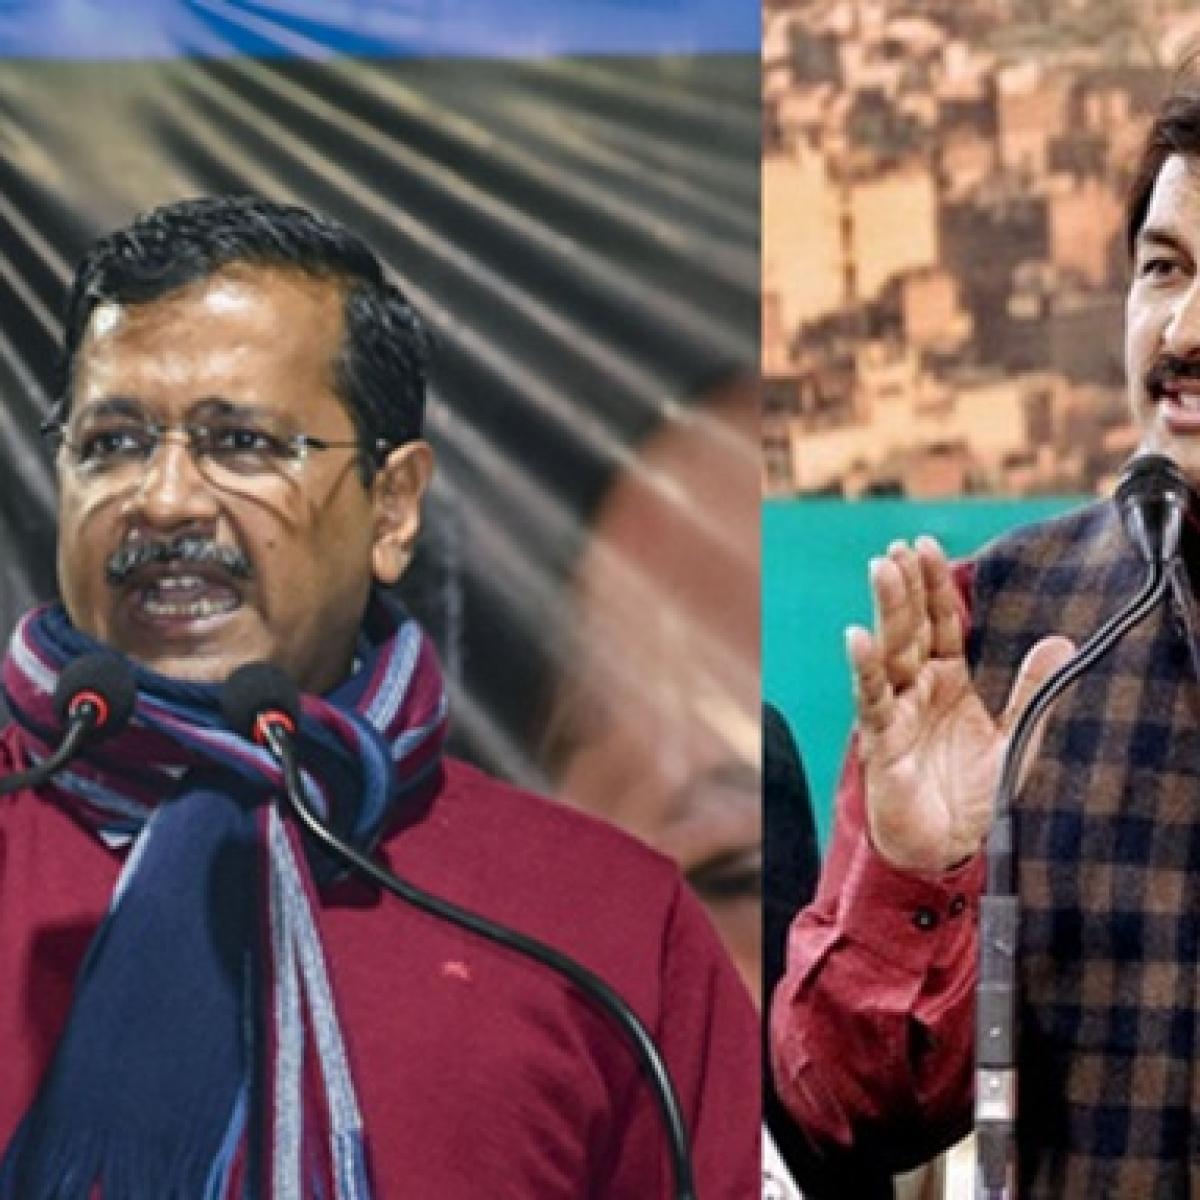 Delhi Elections 2020: BJP's polarisation vs AAP's development – who will triumph in Delhi?